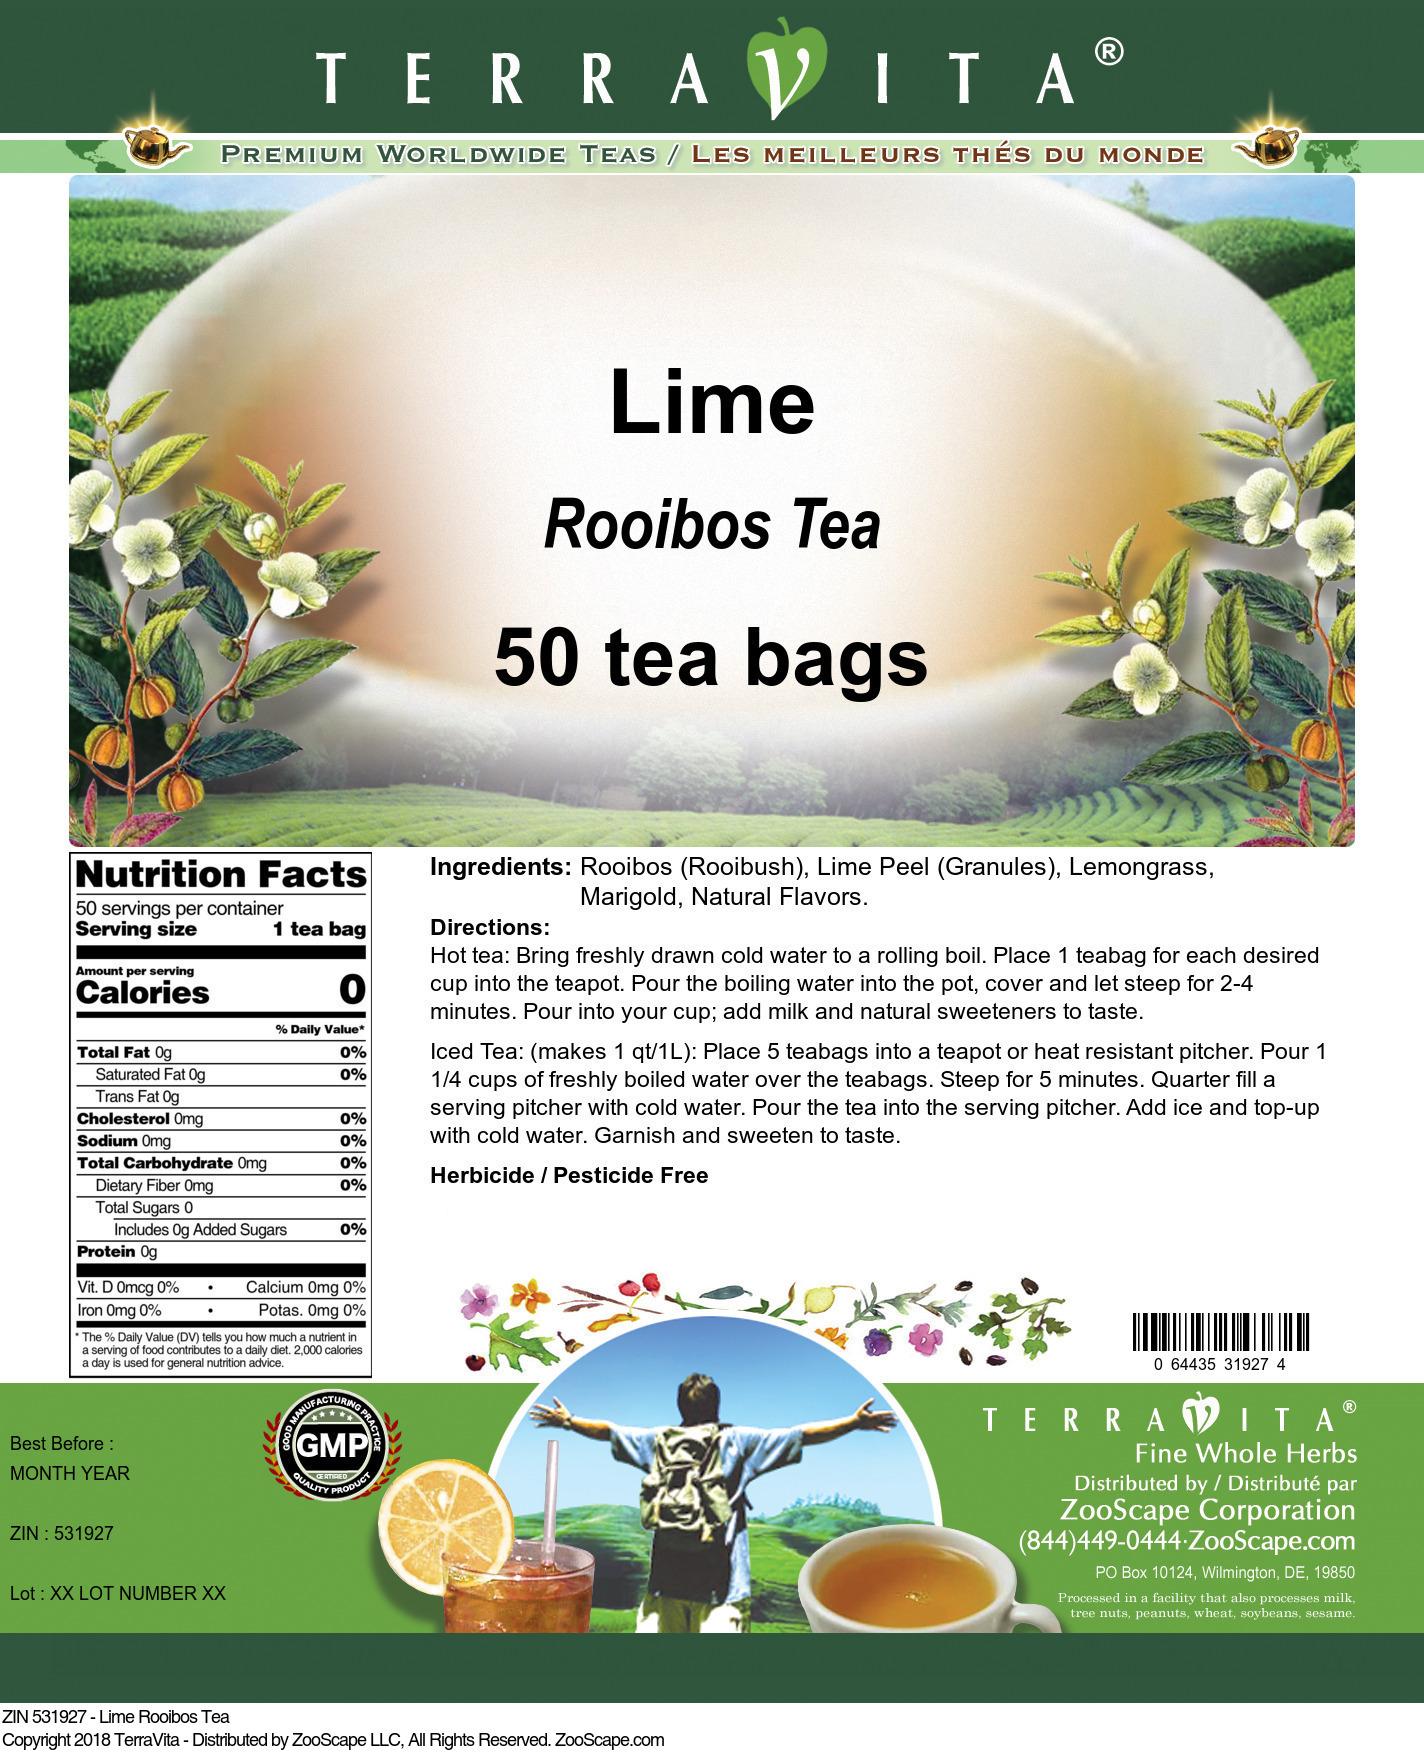 Lime Rooibos Tea